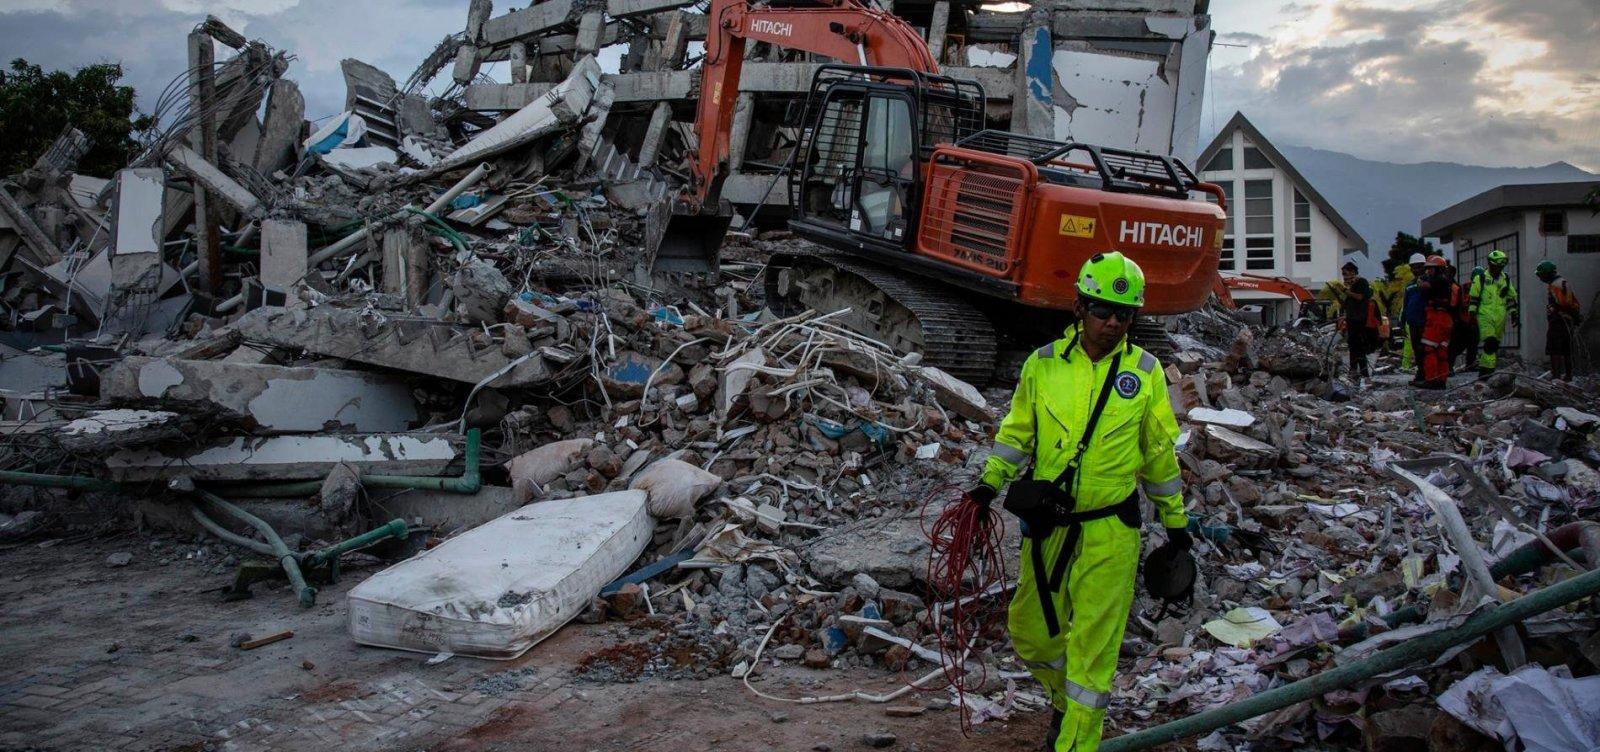 Governo da Indonésia pondera transformar áreas devastadas em cemitérios